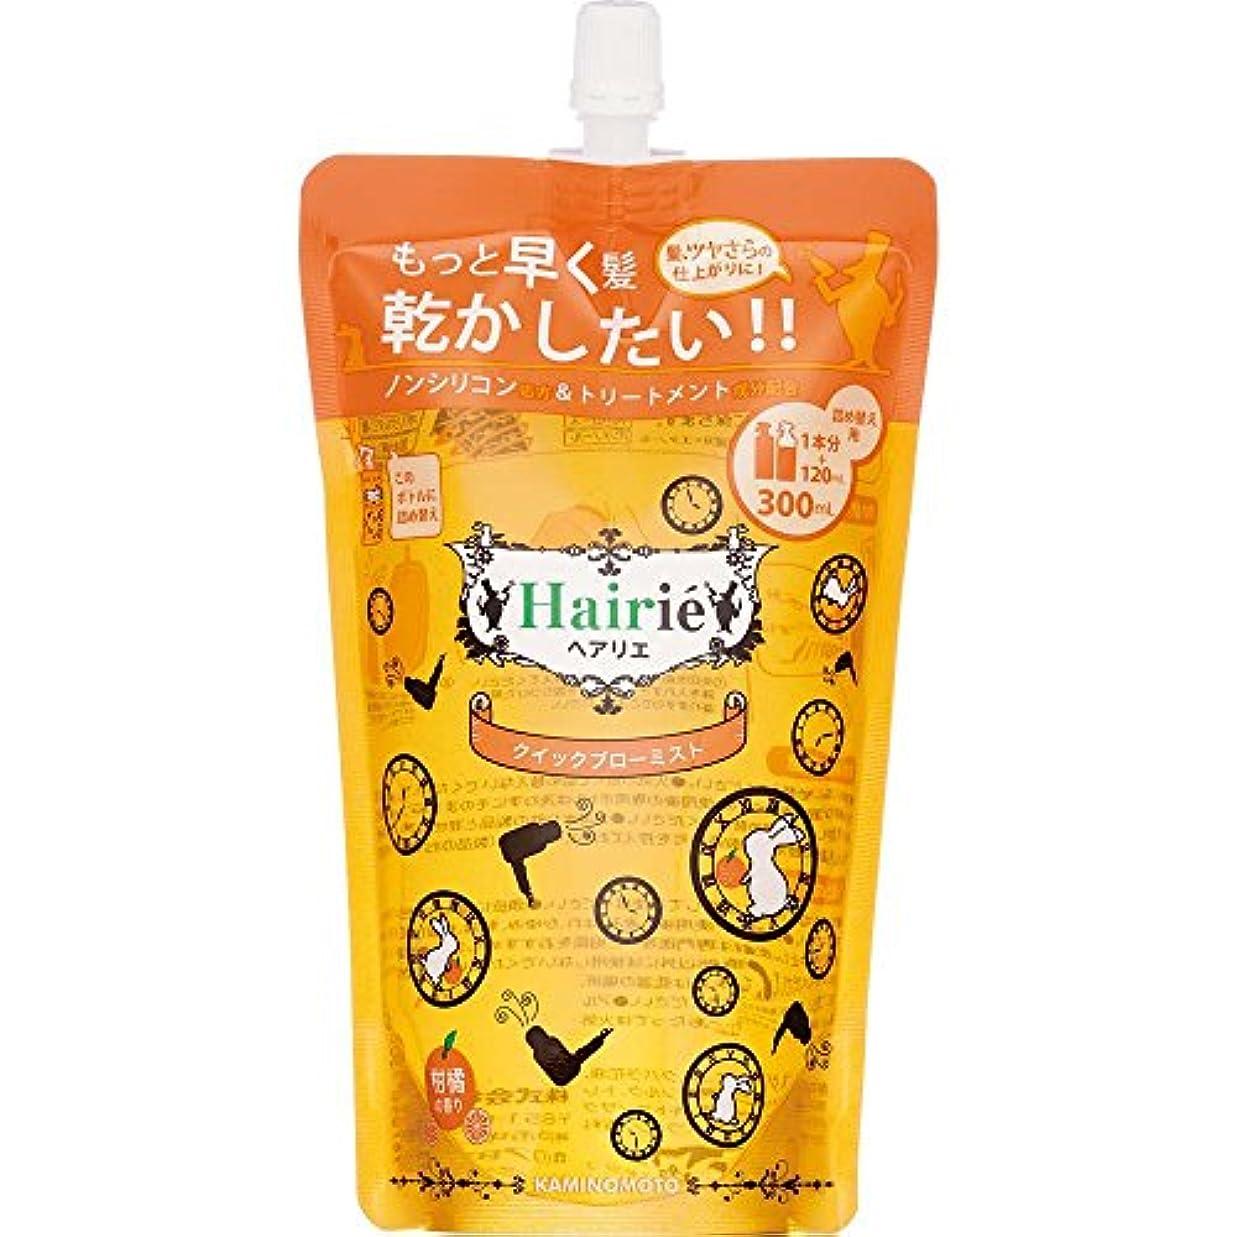 処理する相続人サロンヘアリエ クイックブローミスト 柑橘の香り 詰め替え 300mL